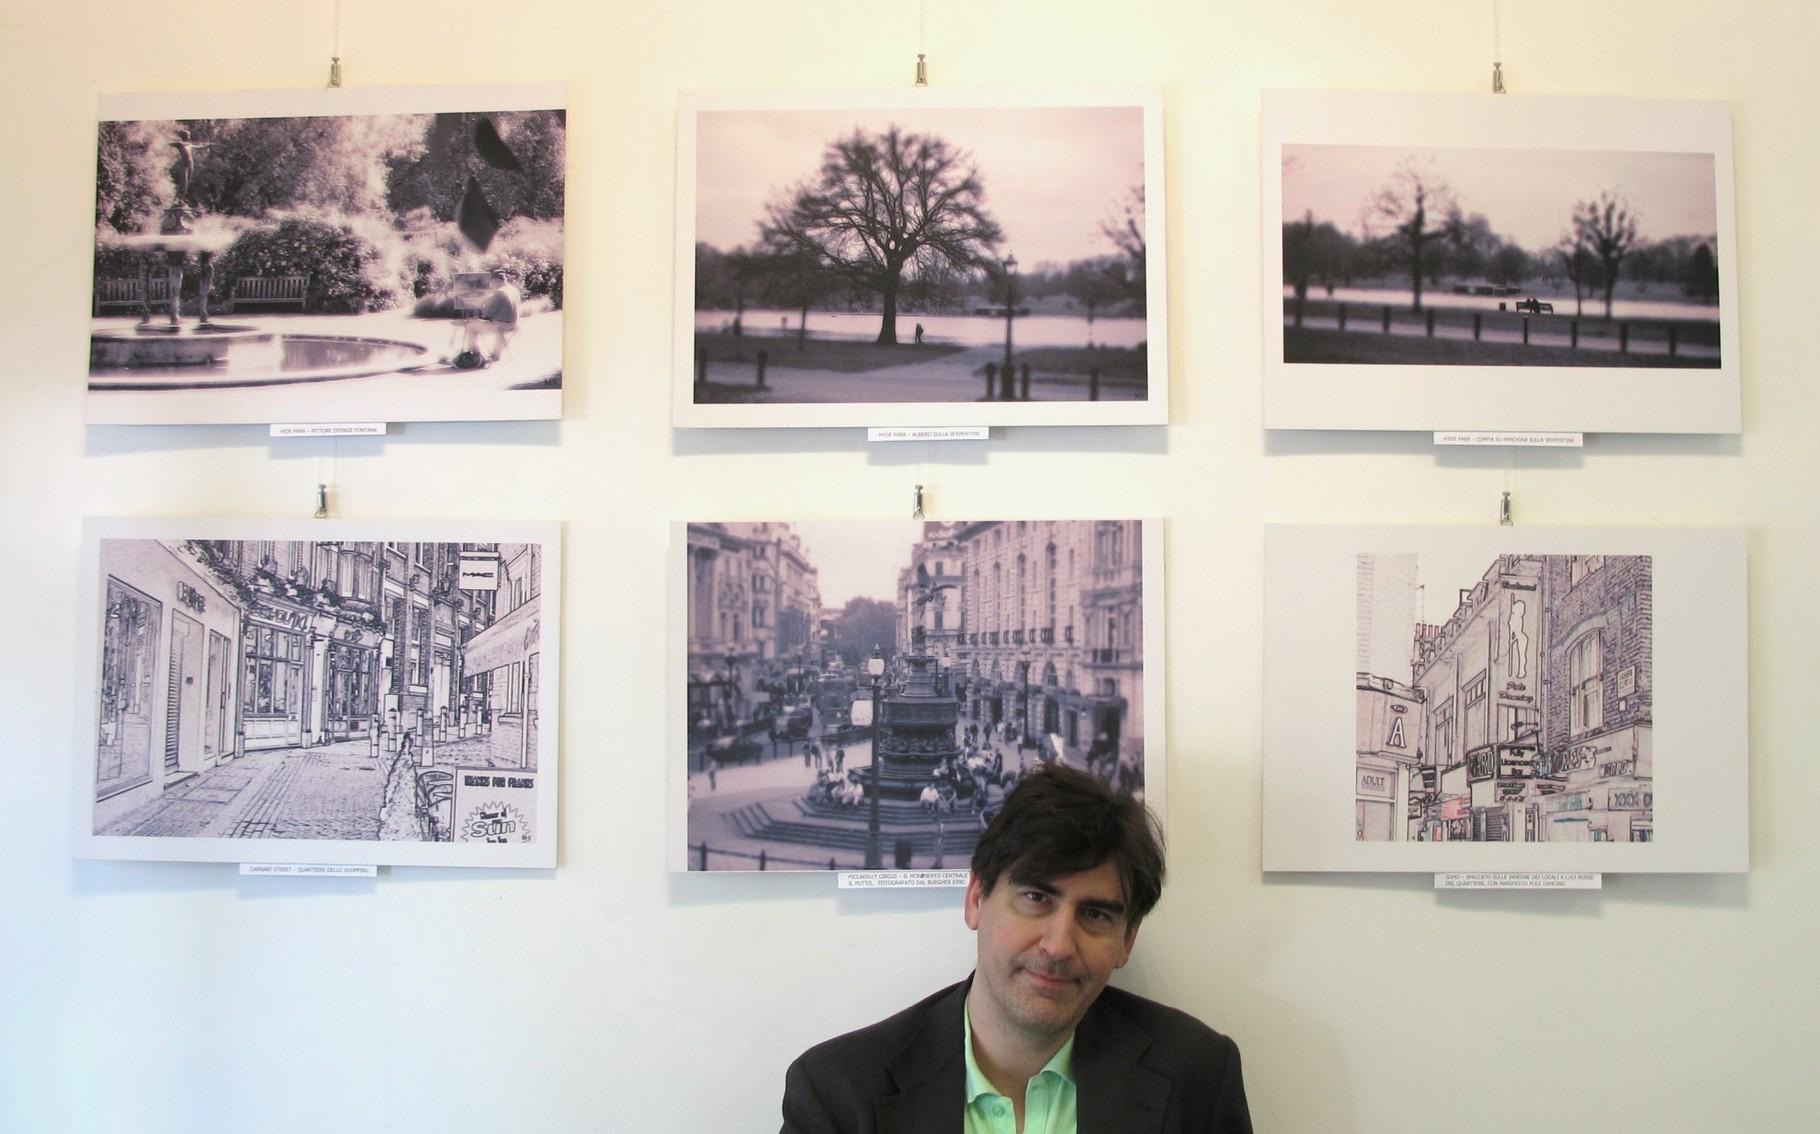 Marcello Ventrella con alcune delle immagini in mostra